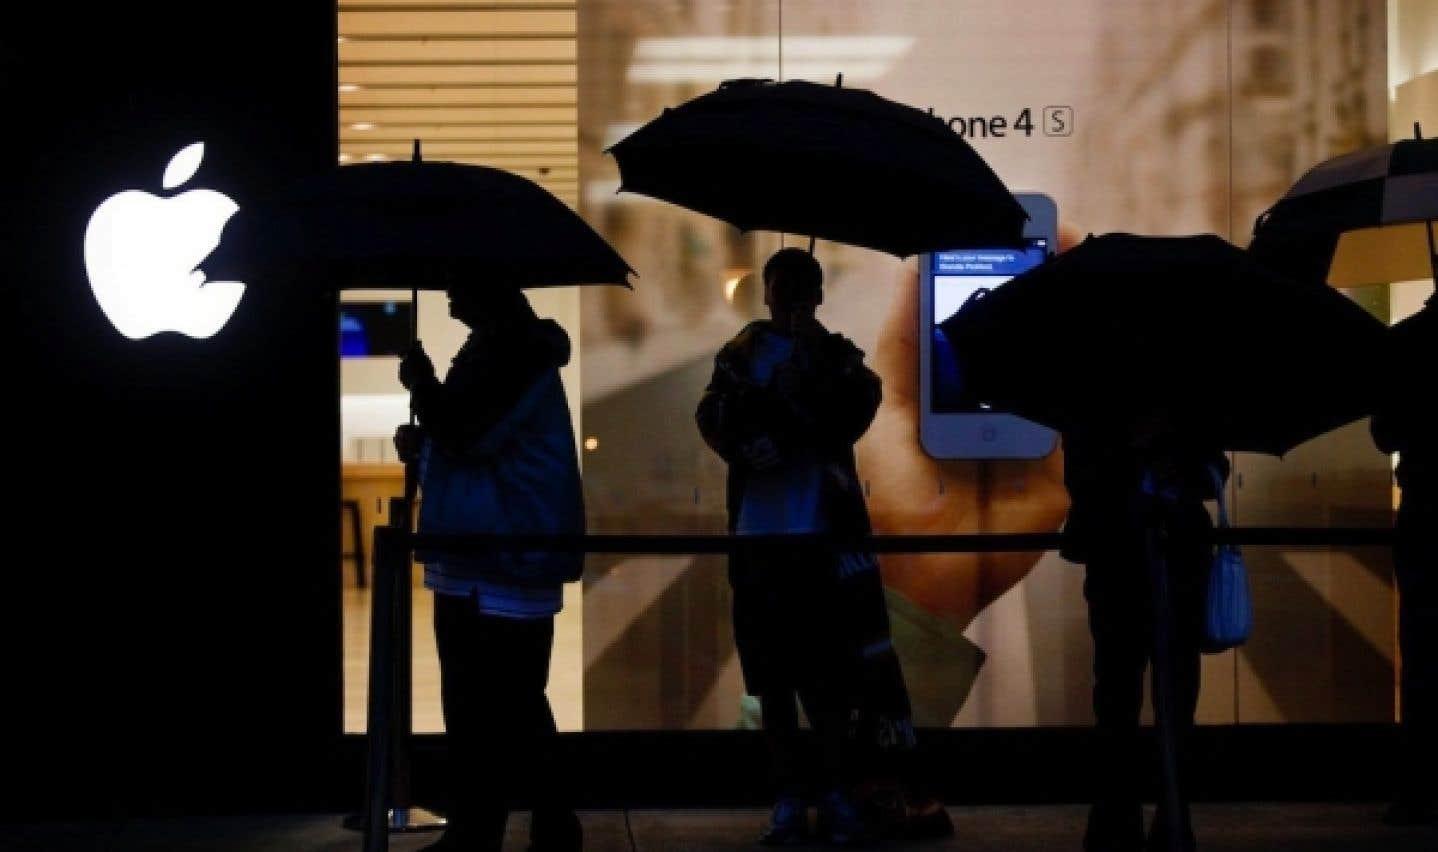 Le titre d'Apple a grimpé à 644 $US en matinée aujourd'hui, en hausse de 1,2 % depuis la fermeture des marchés hier, ce qui portait sa valeur à 600,4 milliards $US.